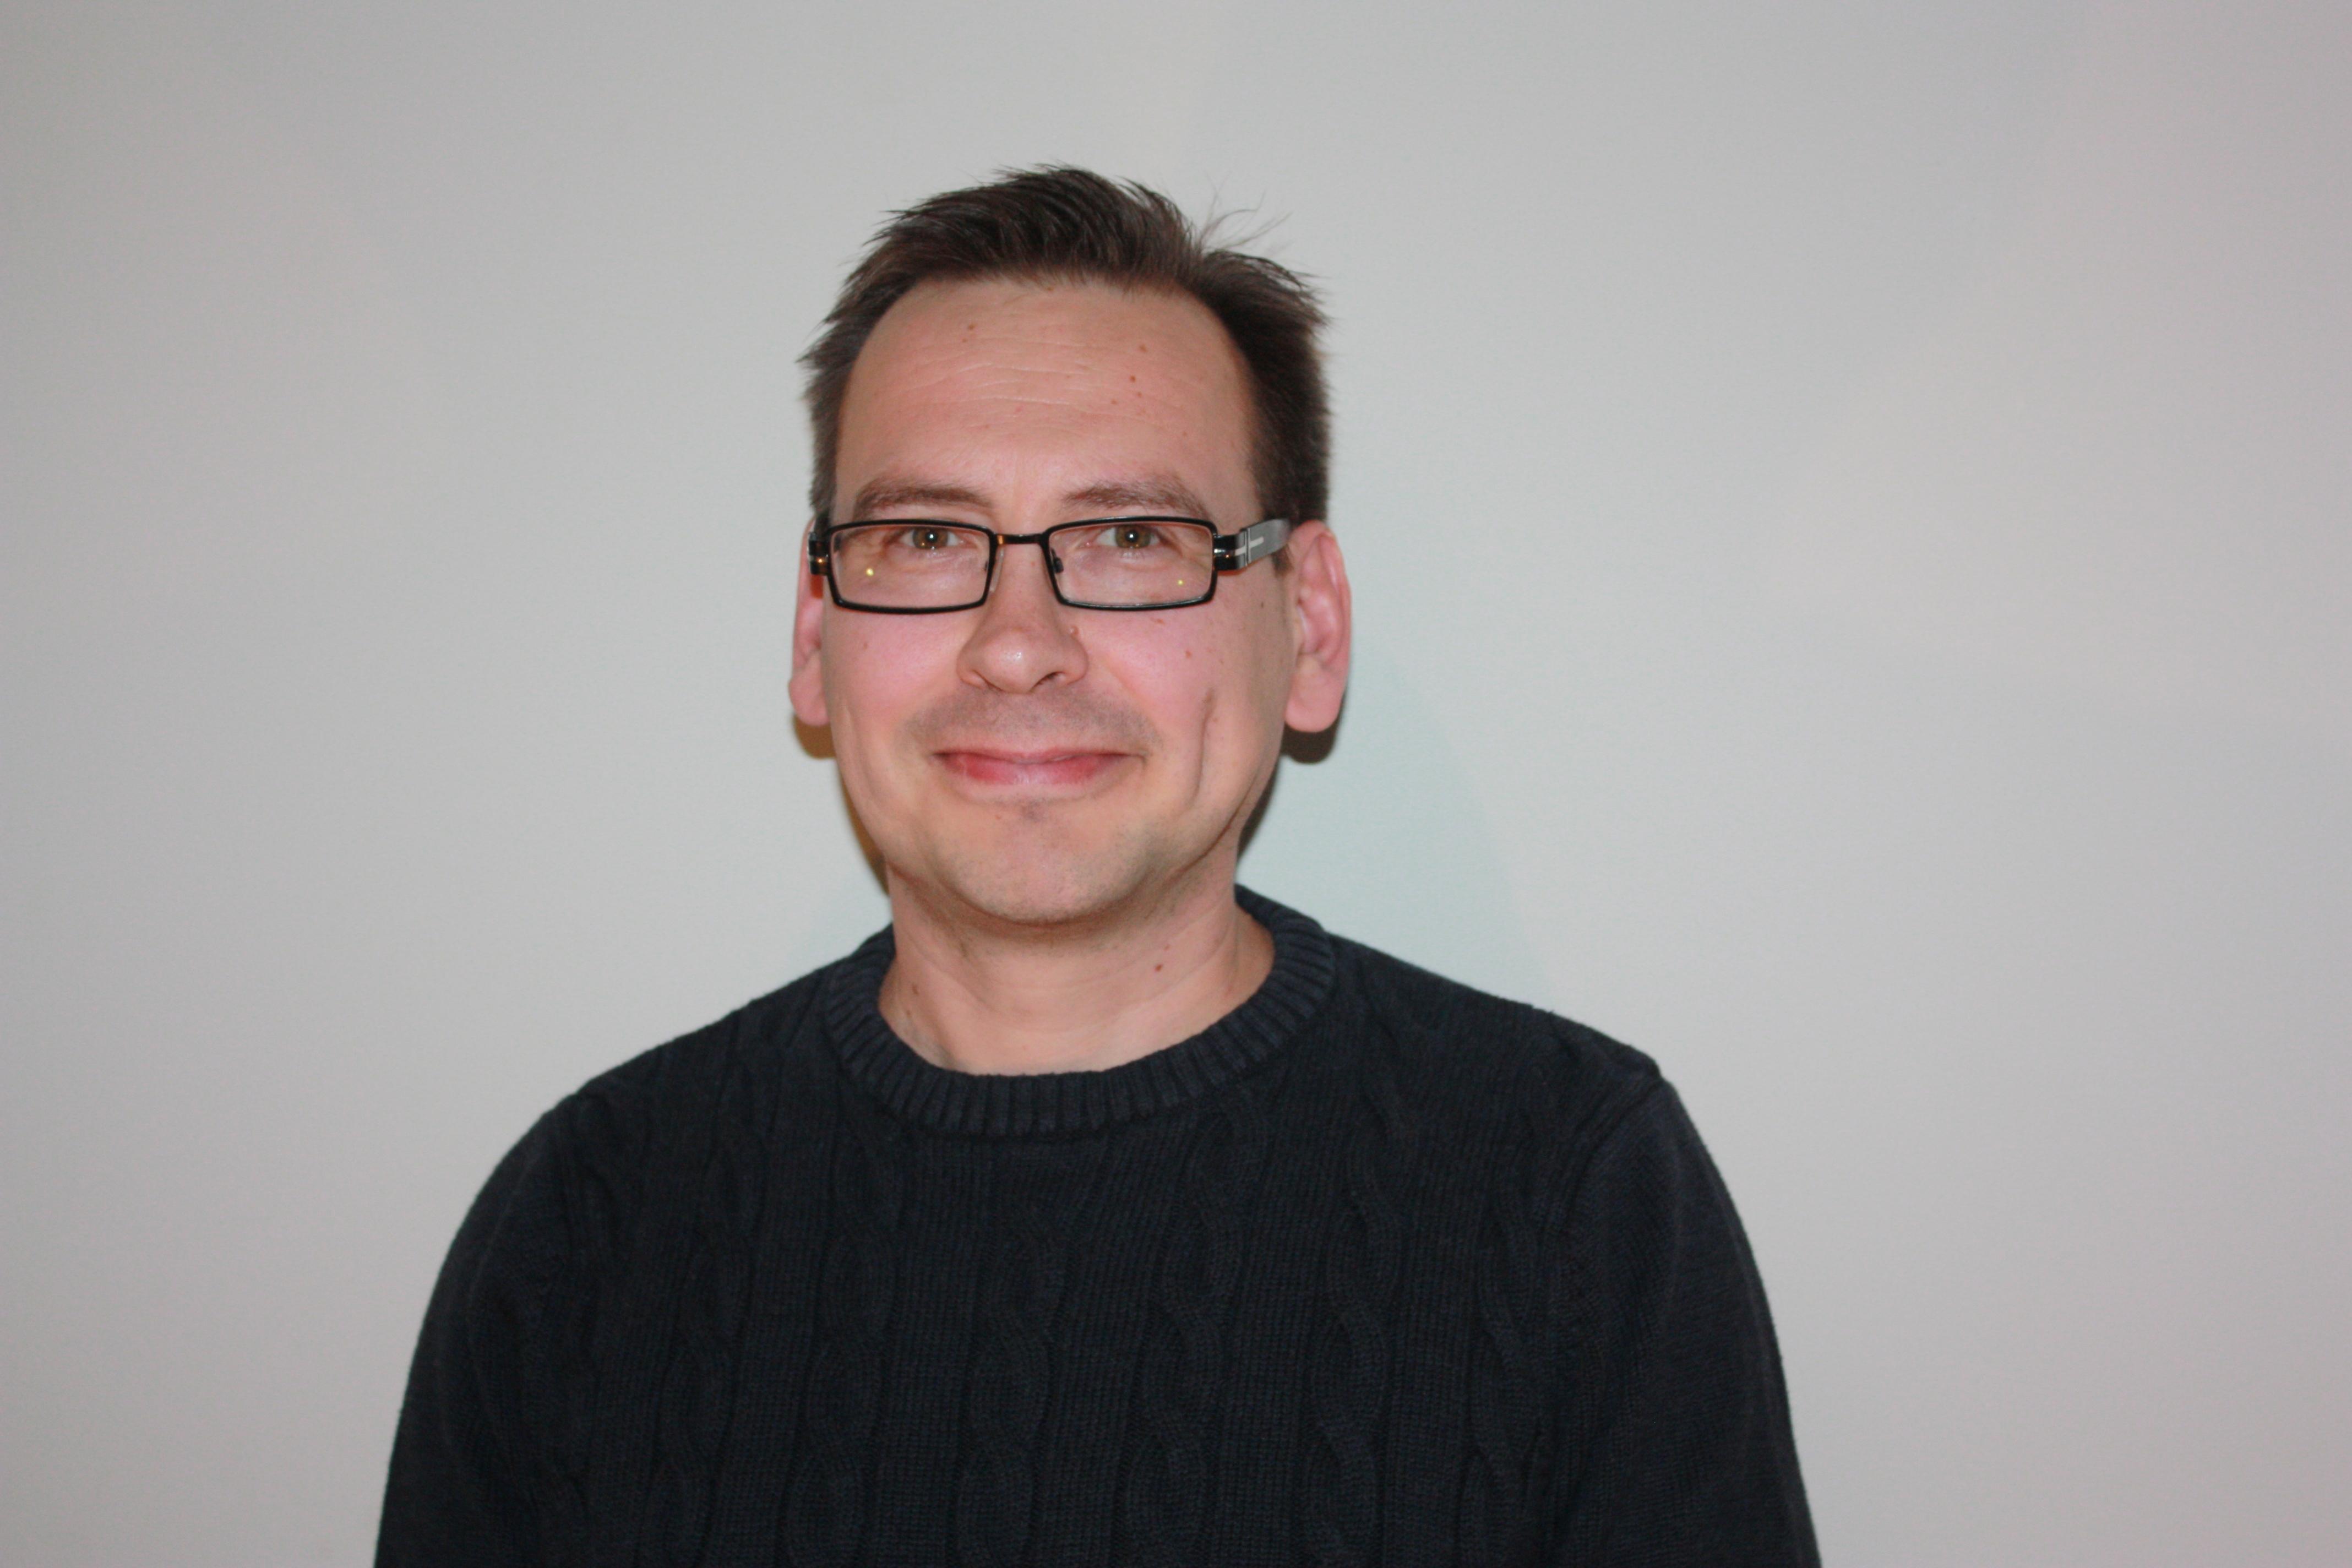 Jarkko Kuoppala